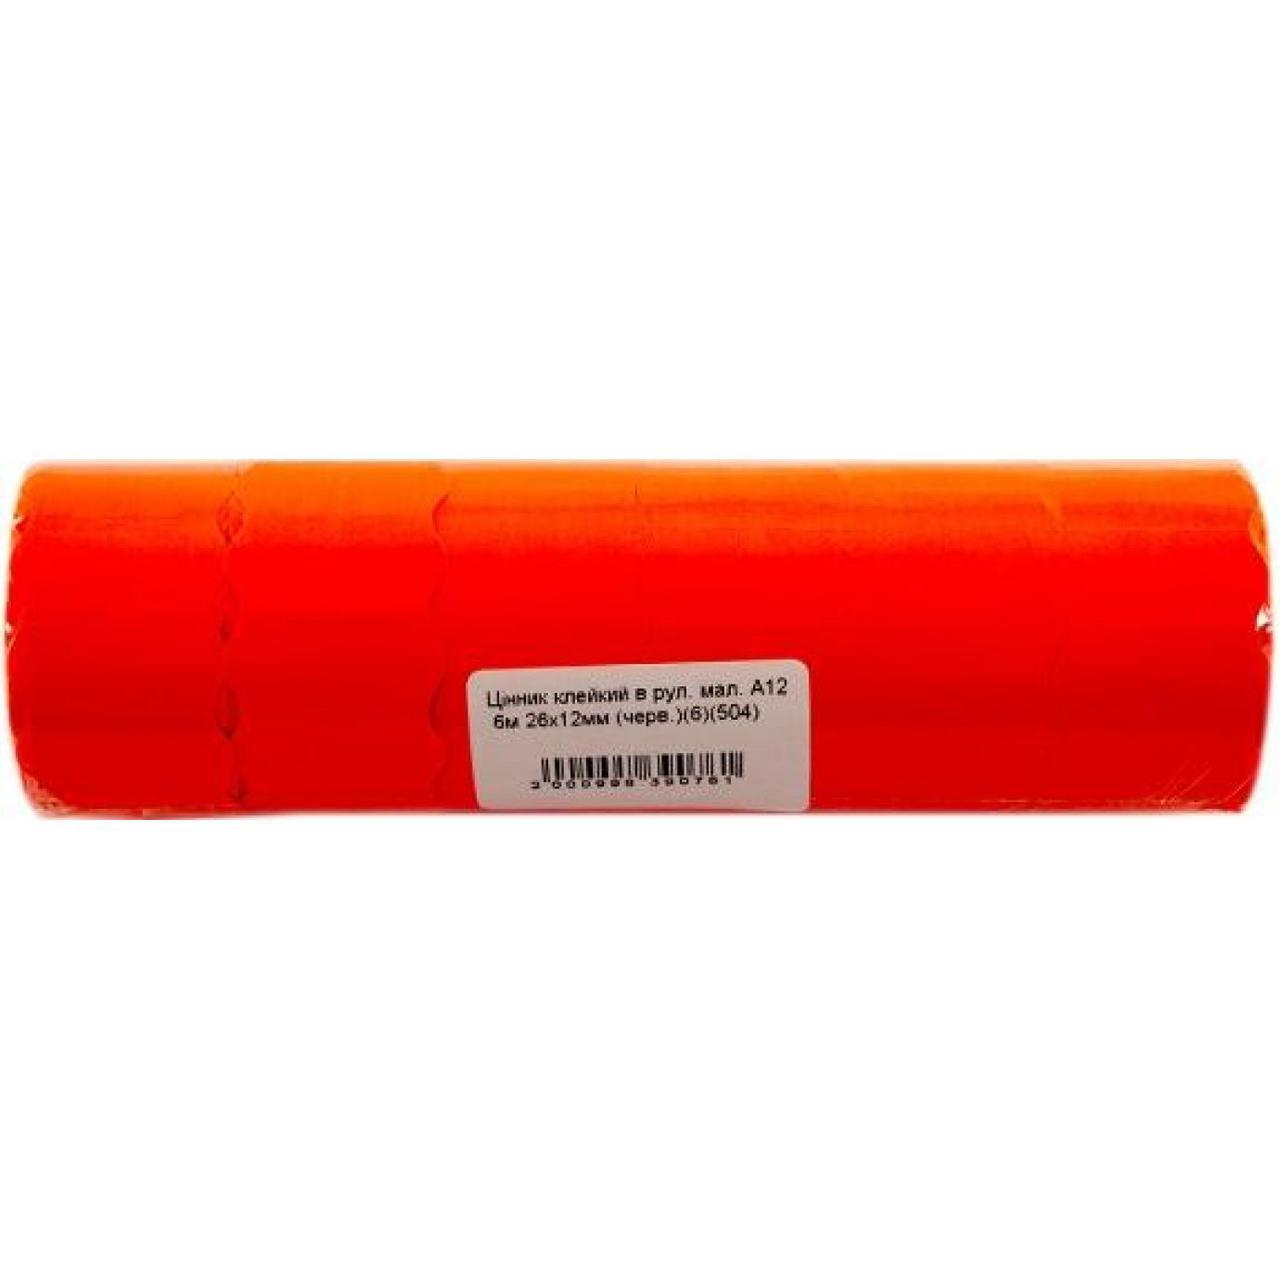 Ценник клейкий в рулоне маленький А12 6м 26х12мм красный (6) (504)